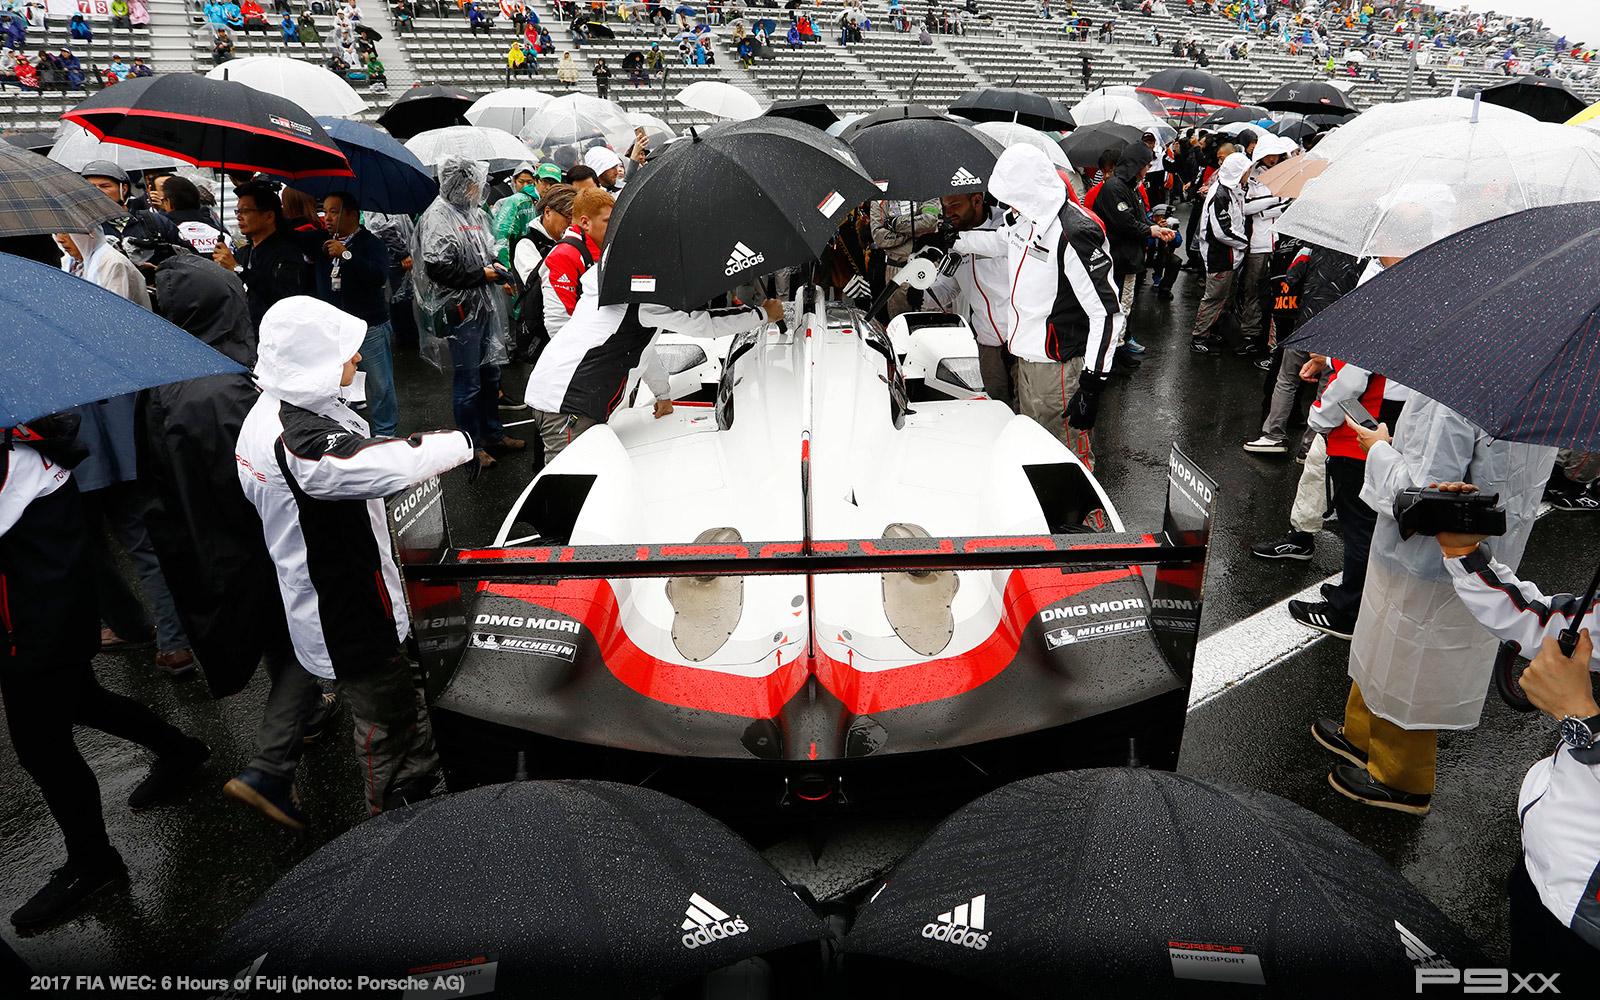 2017-FIA-WEC-6h-of-Fuji-Porsche-441